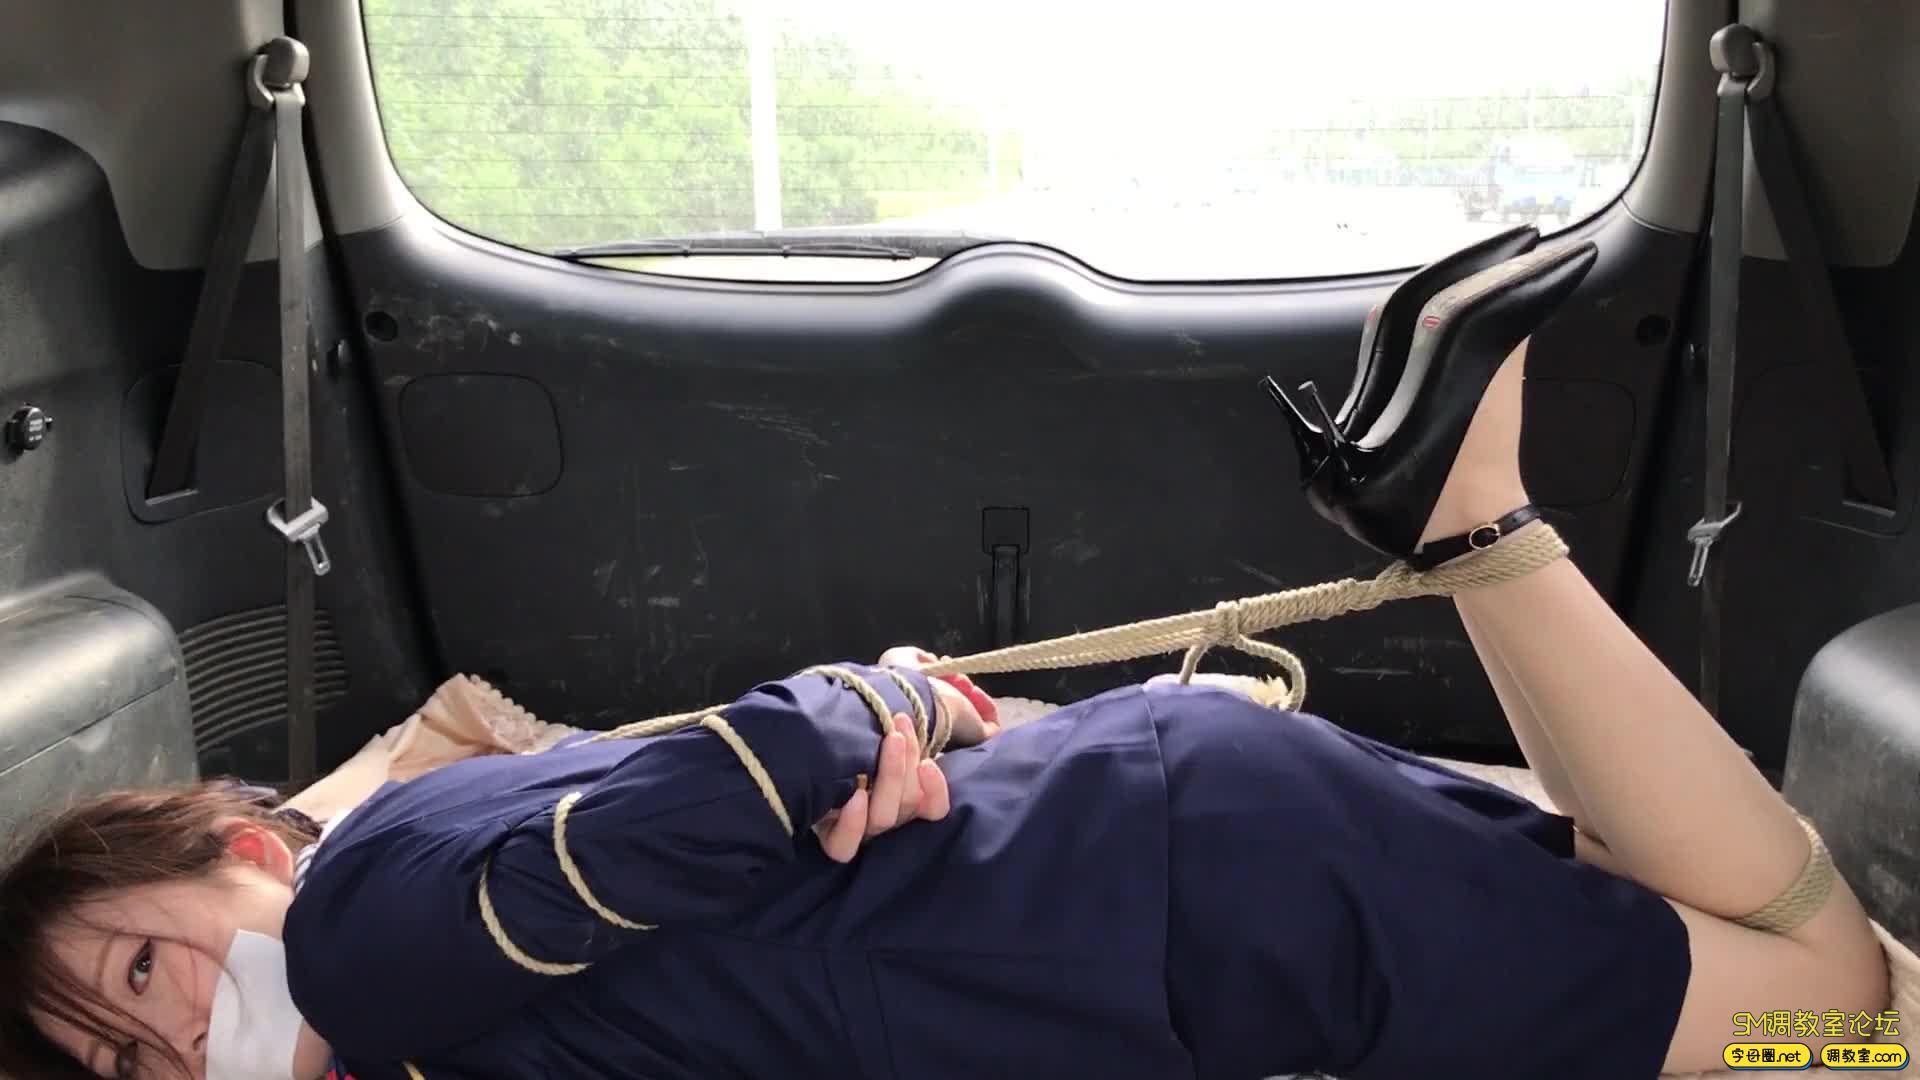 【旋律受虐记15】 空姐的磨难之街头绑架篇-视频截图6